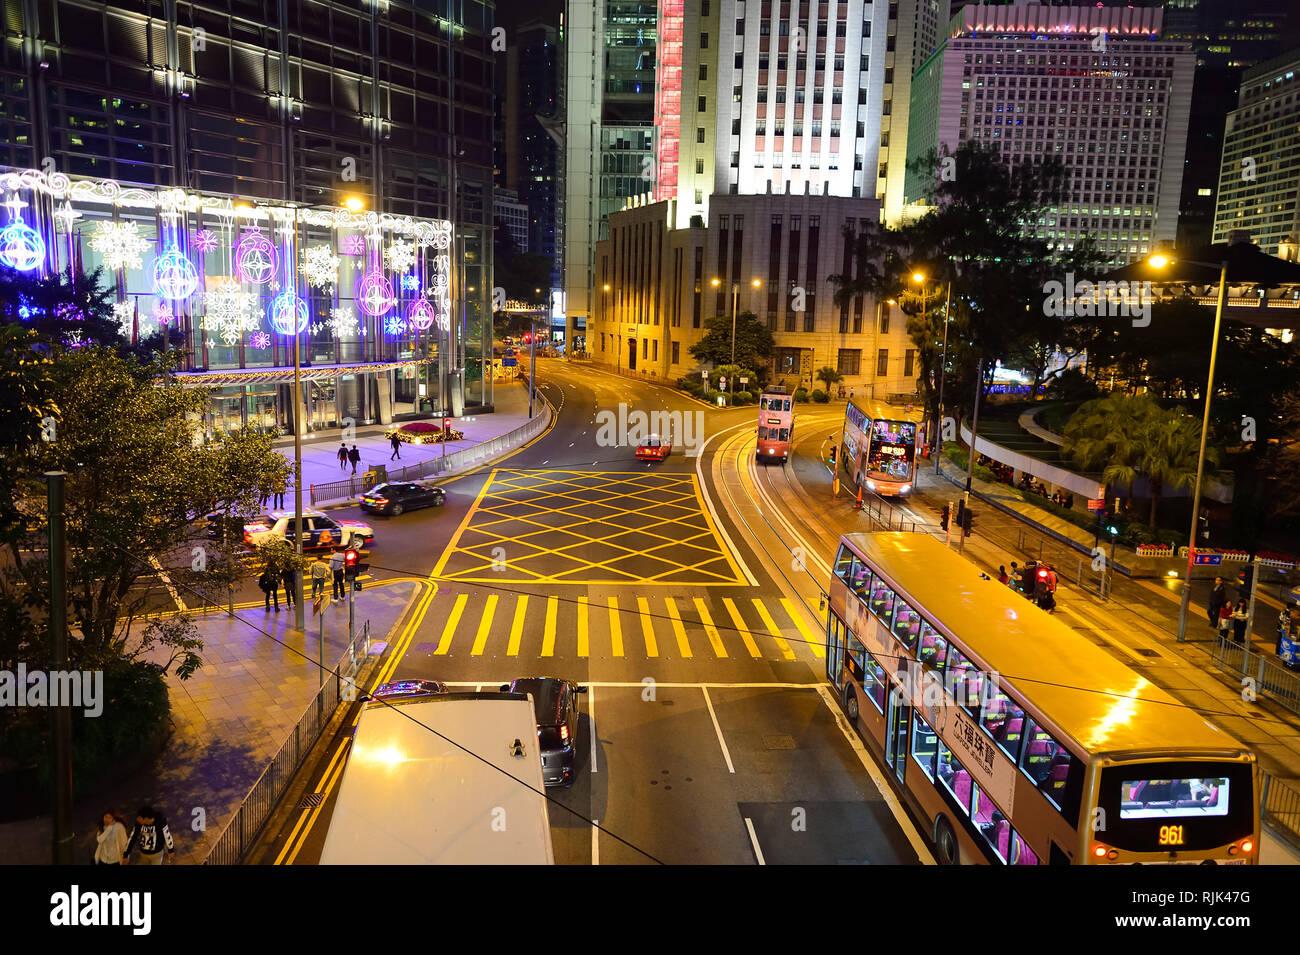 HONG KONG - DECEMBER 25, 2015: Hong Kong at night. Hong Kong is an autonomous territory on the southern coast of China at the Pearl River Estuary and  - Stock Image